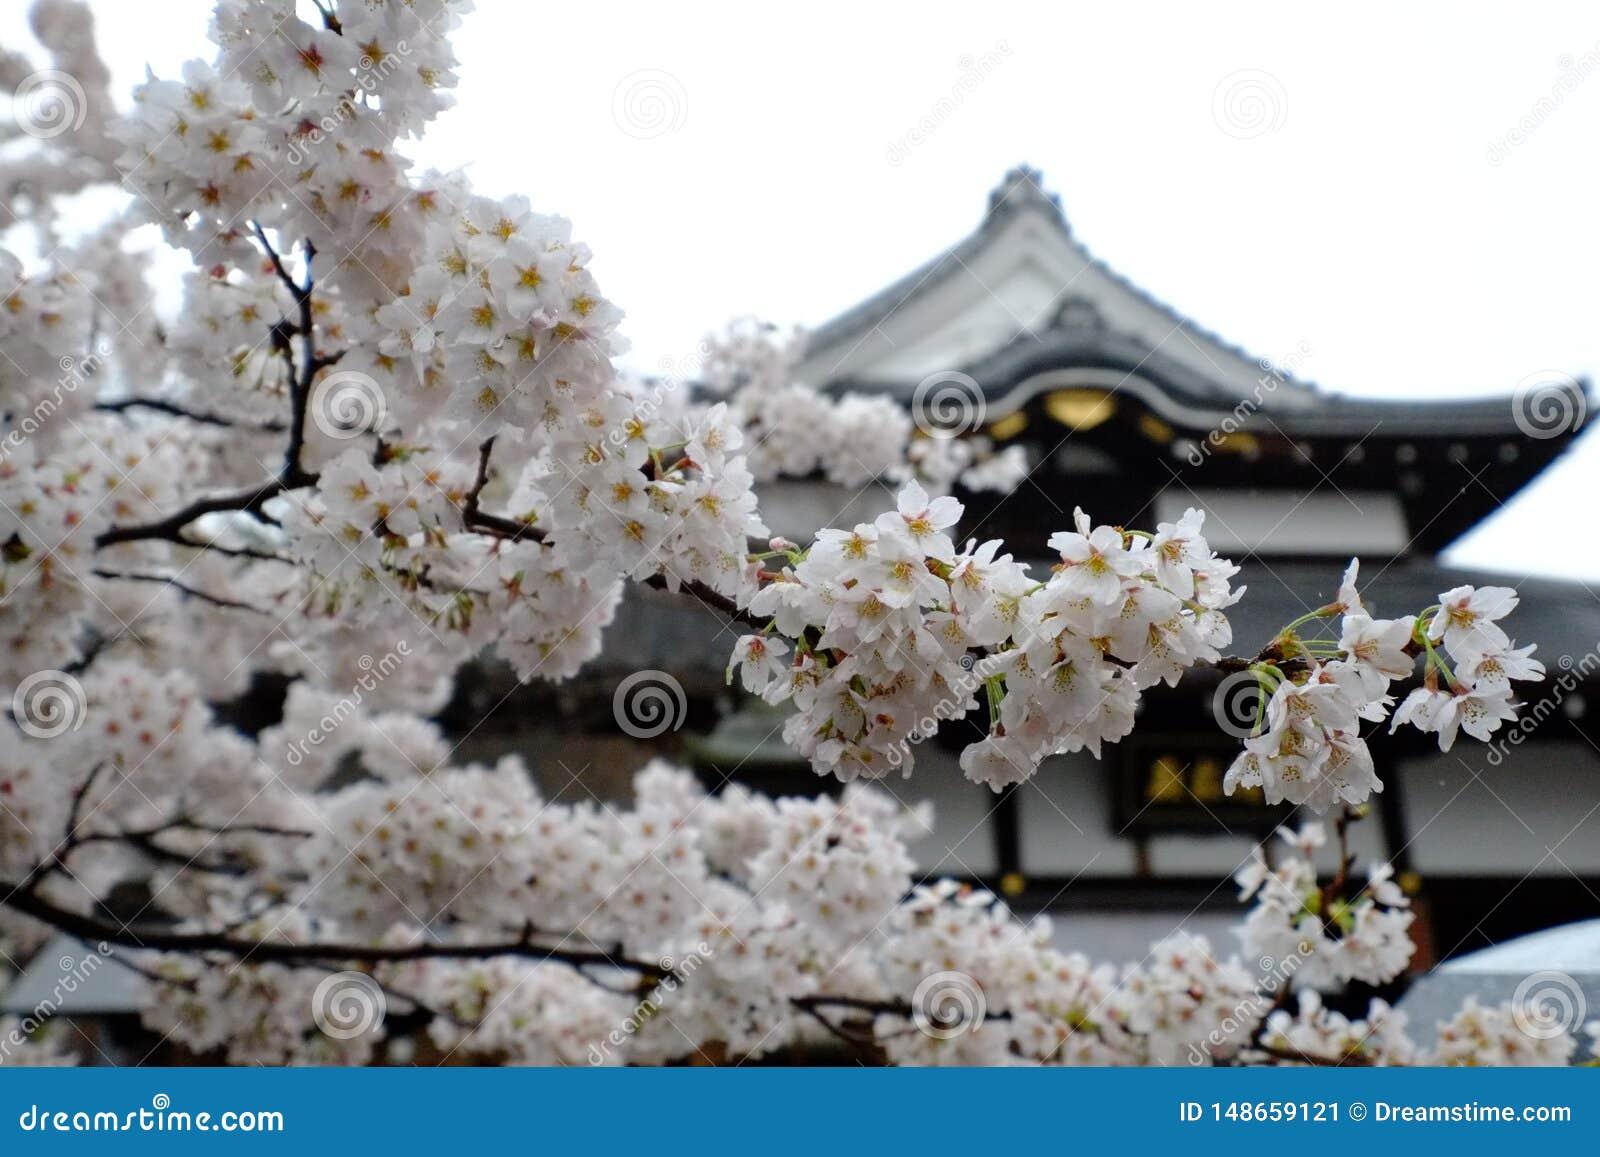 Японское цветение вишневого дерева